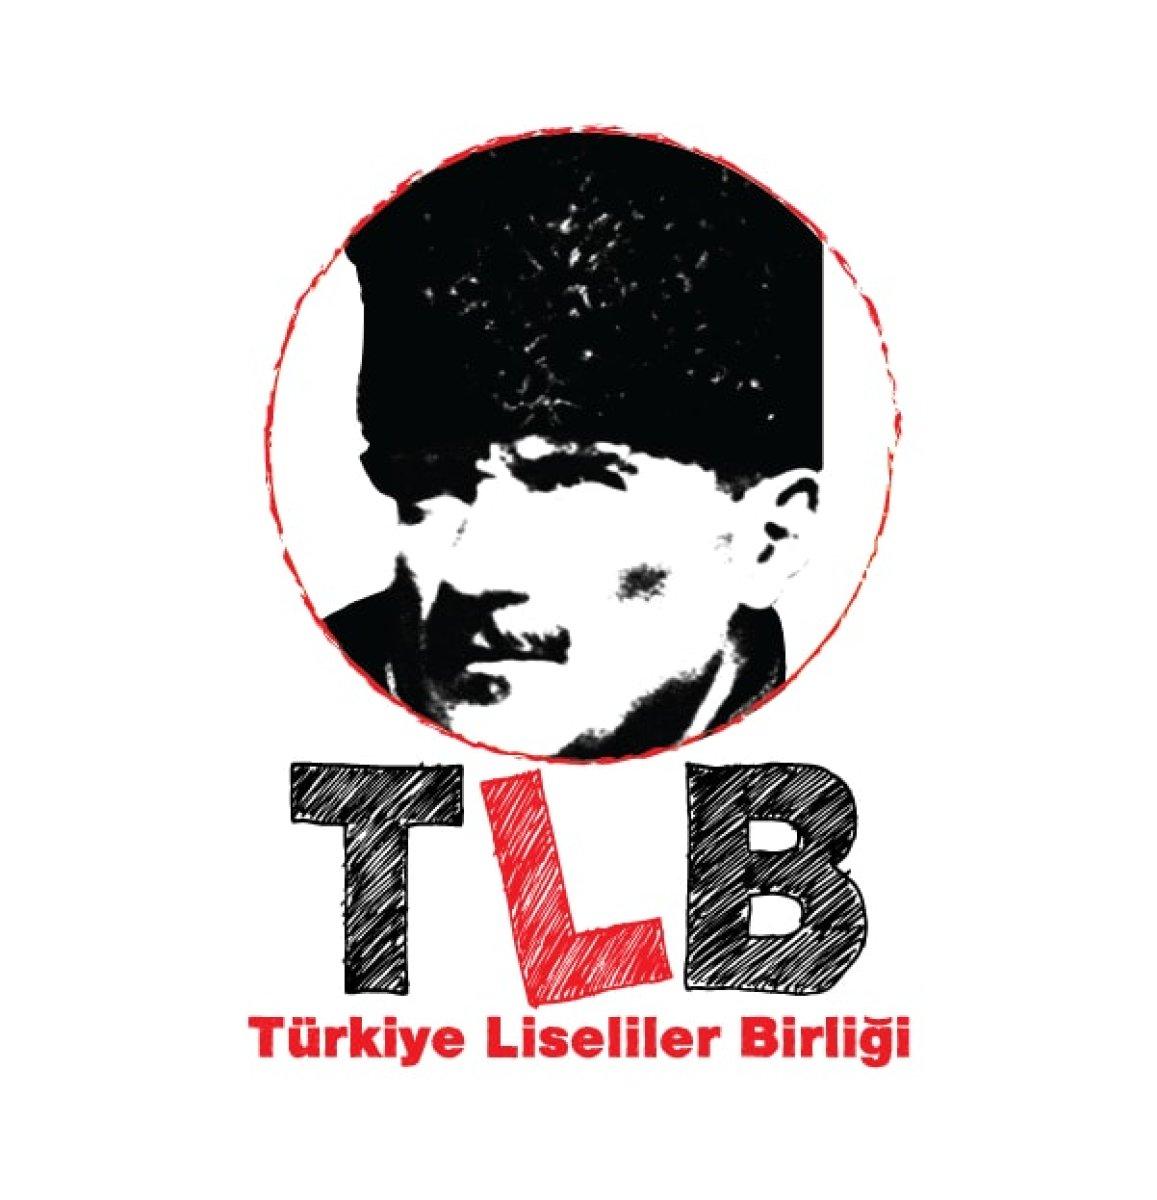 TLB Genel Merkezi'nden Açıklama!